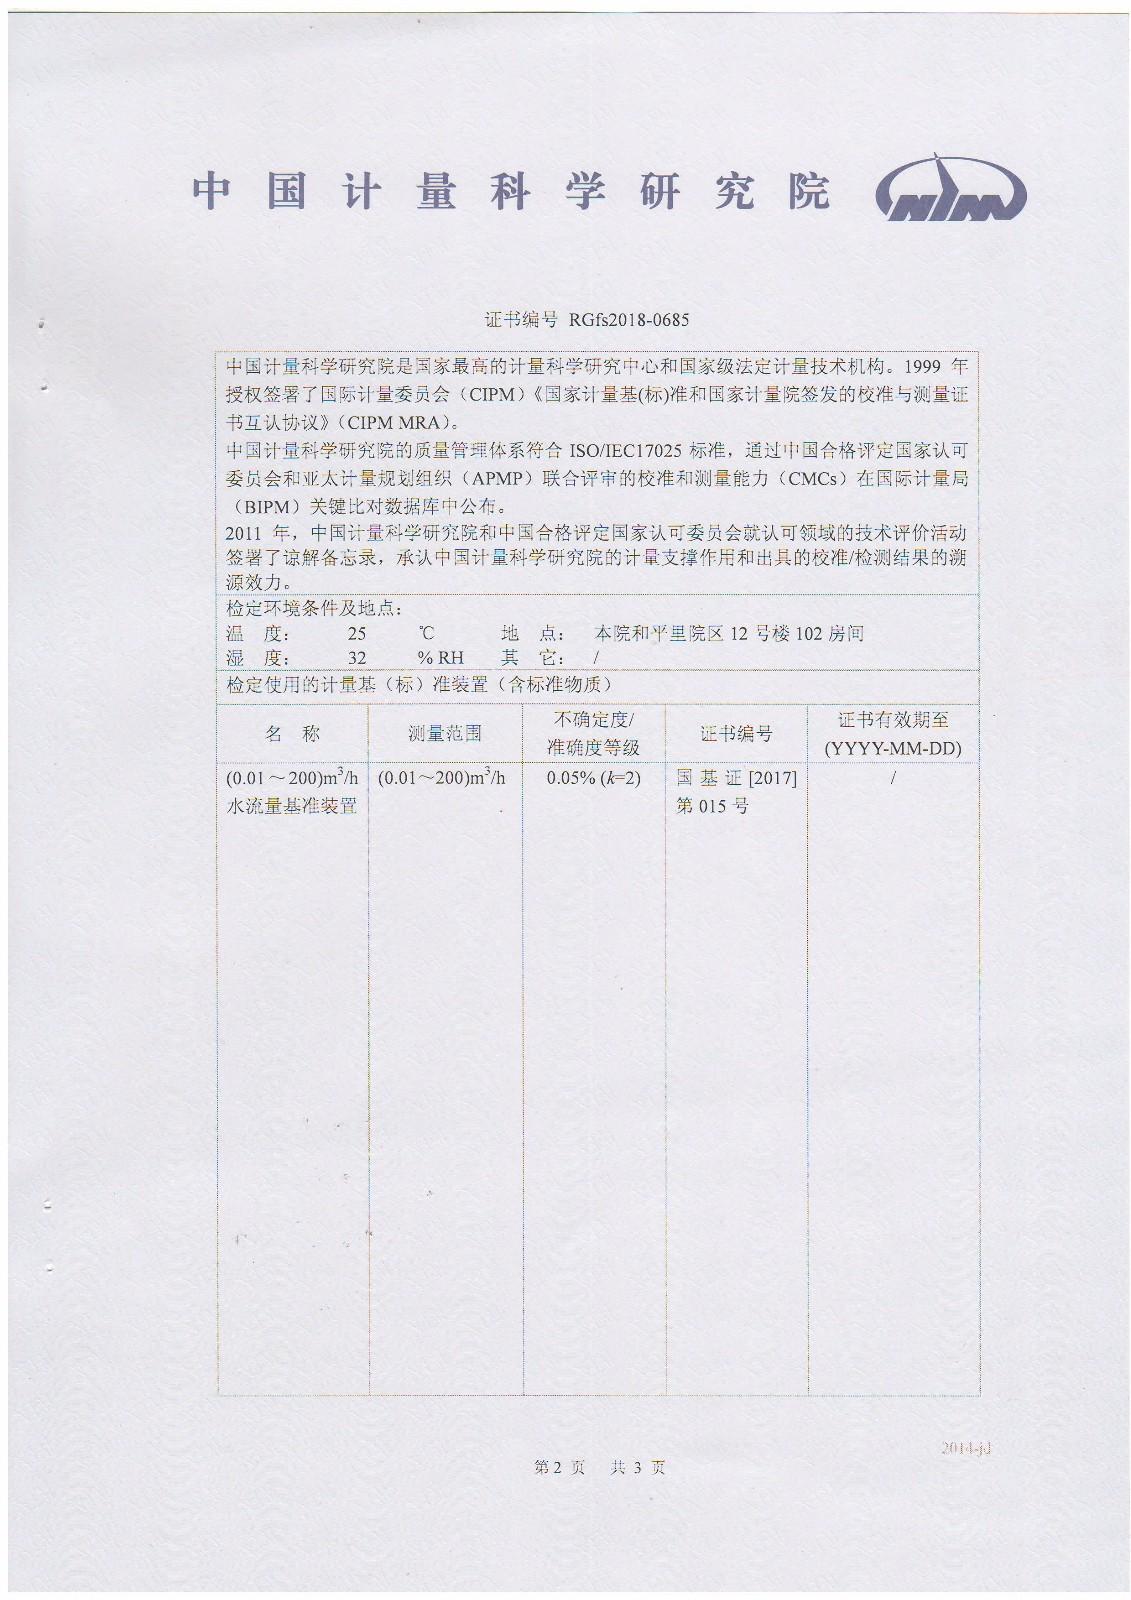 2018中国计量科学院检定证书|公司动态-唐山天泽仪表有限公司